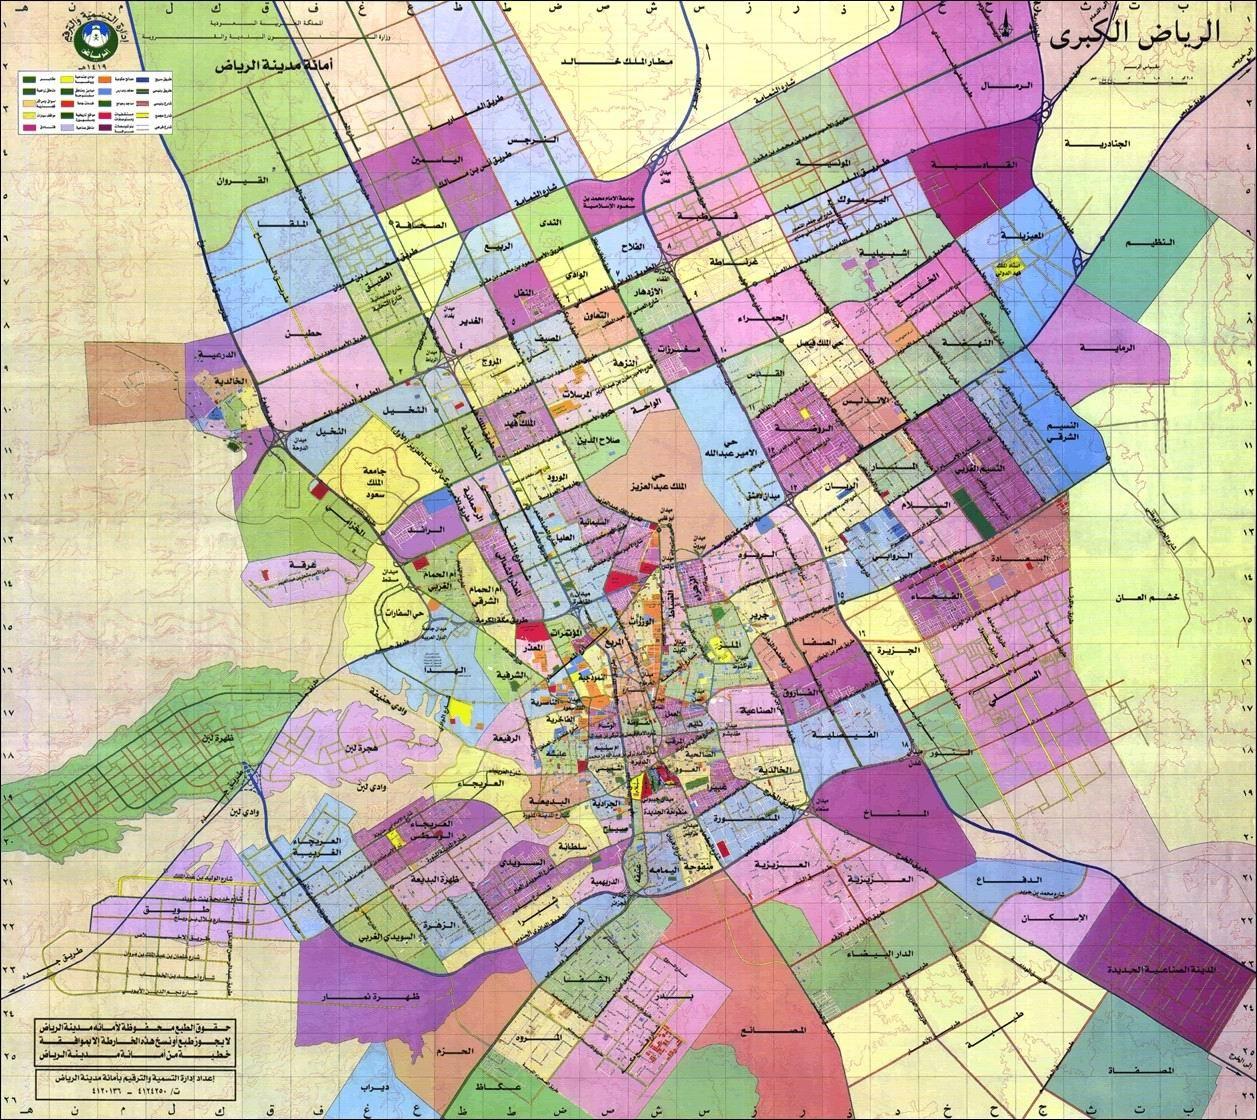 Riyadh map Zahrat Laban Saudi Arabia mappery